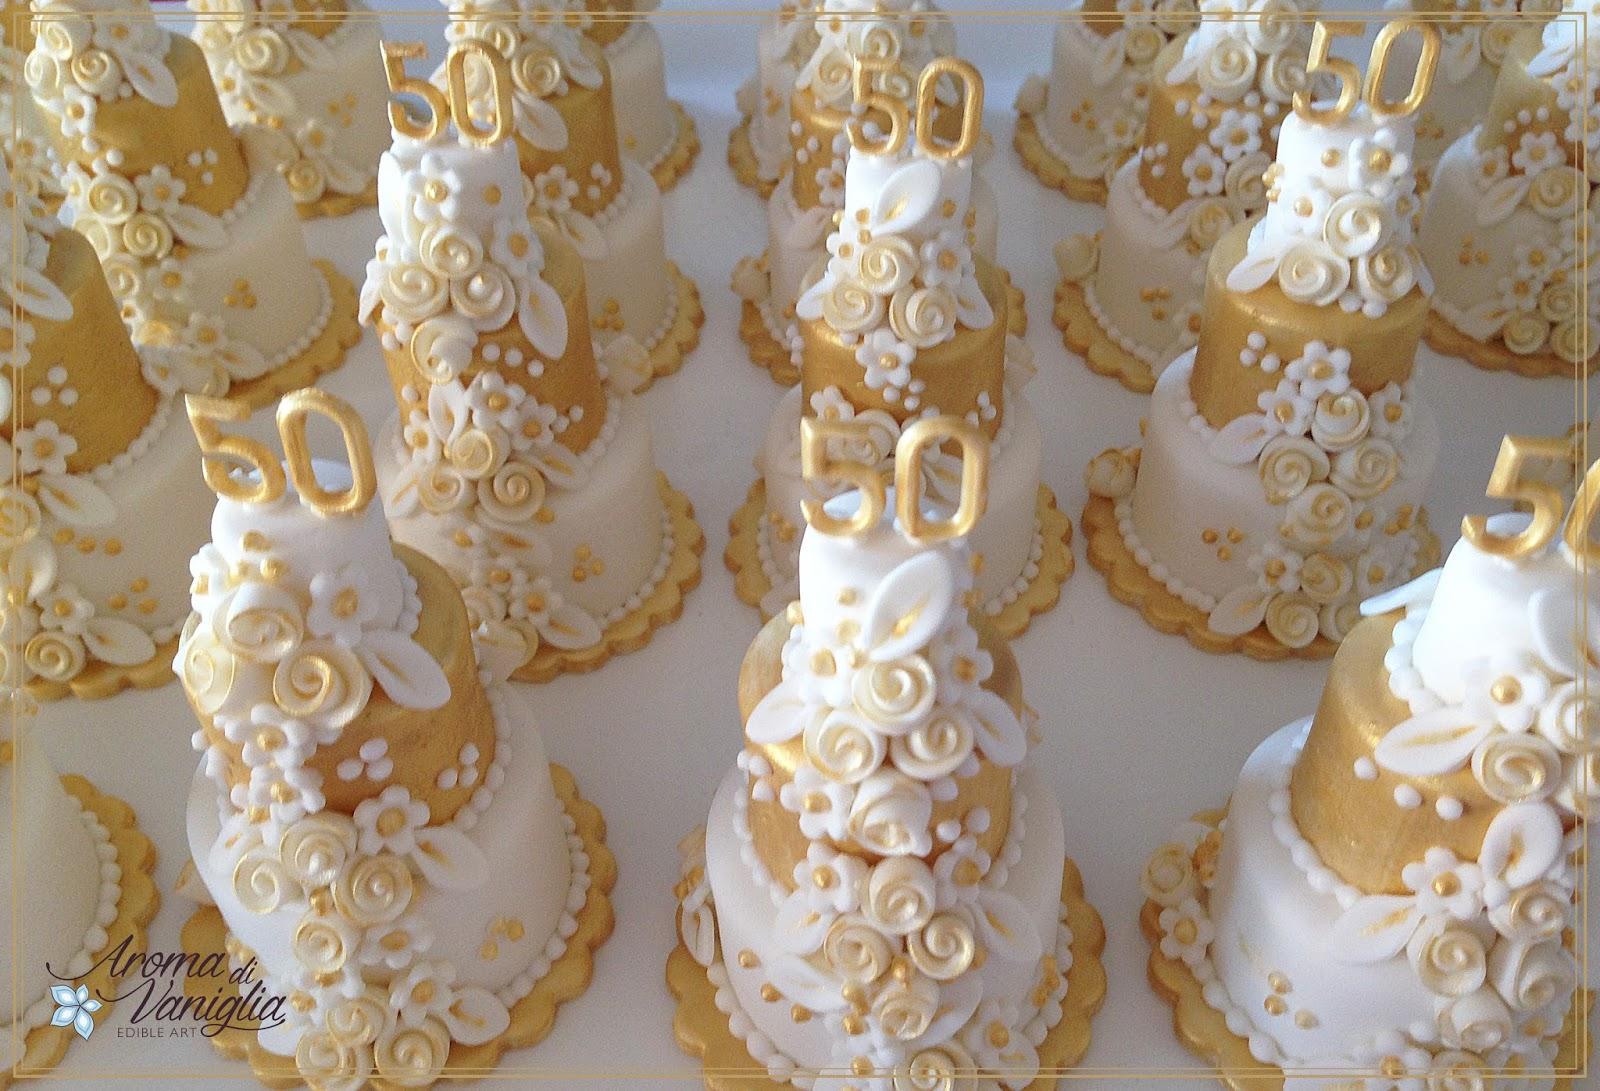 Matrimonio Tema Oro : Aroma di vaniglia nozze d oro